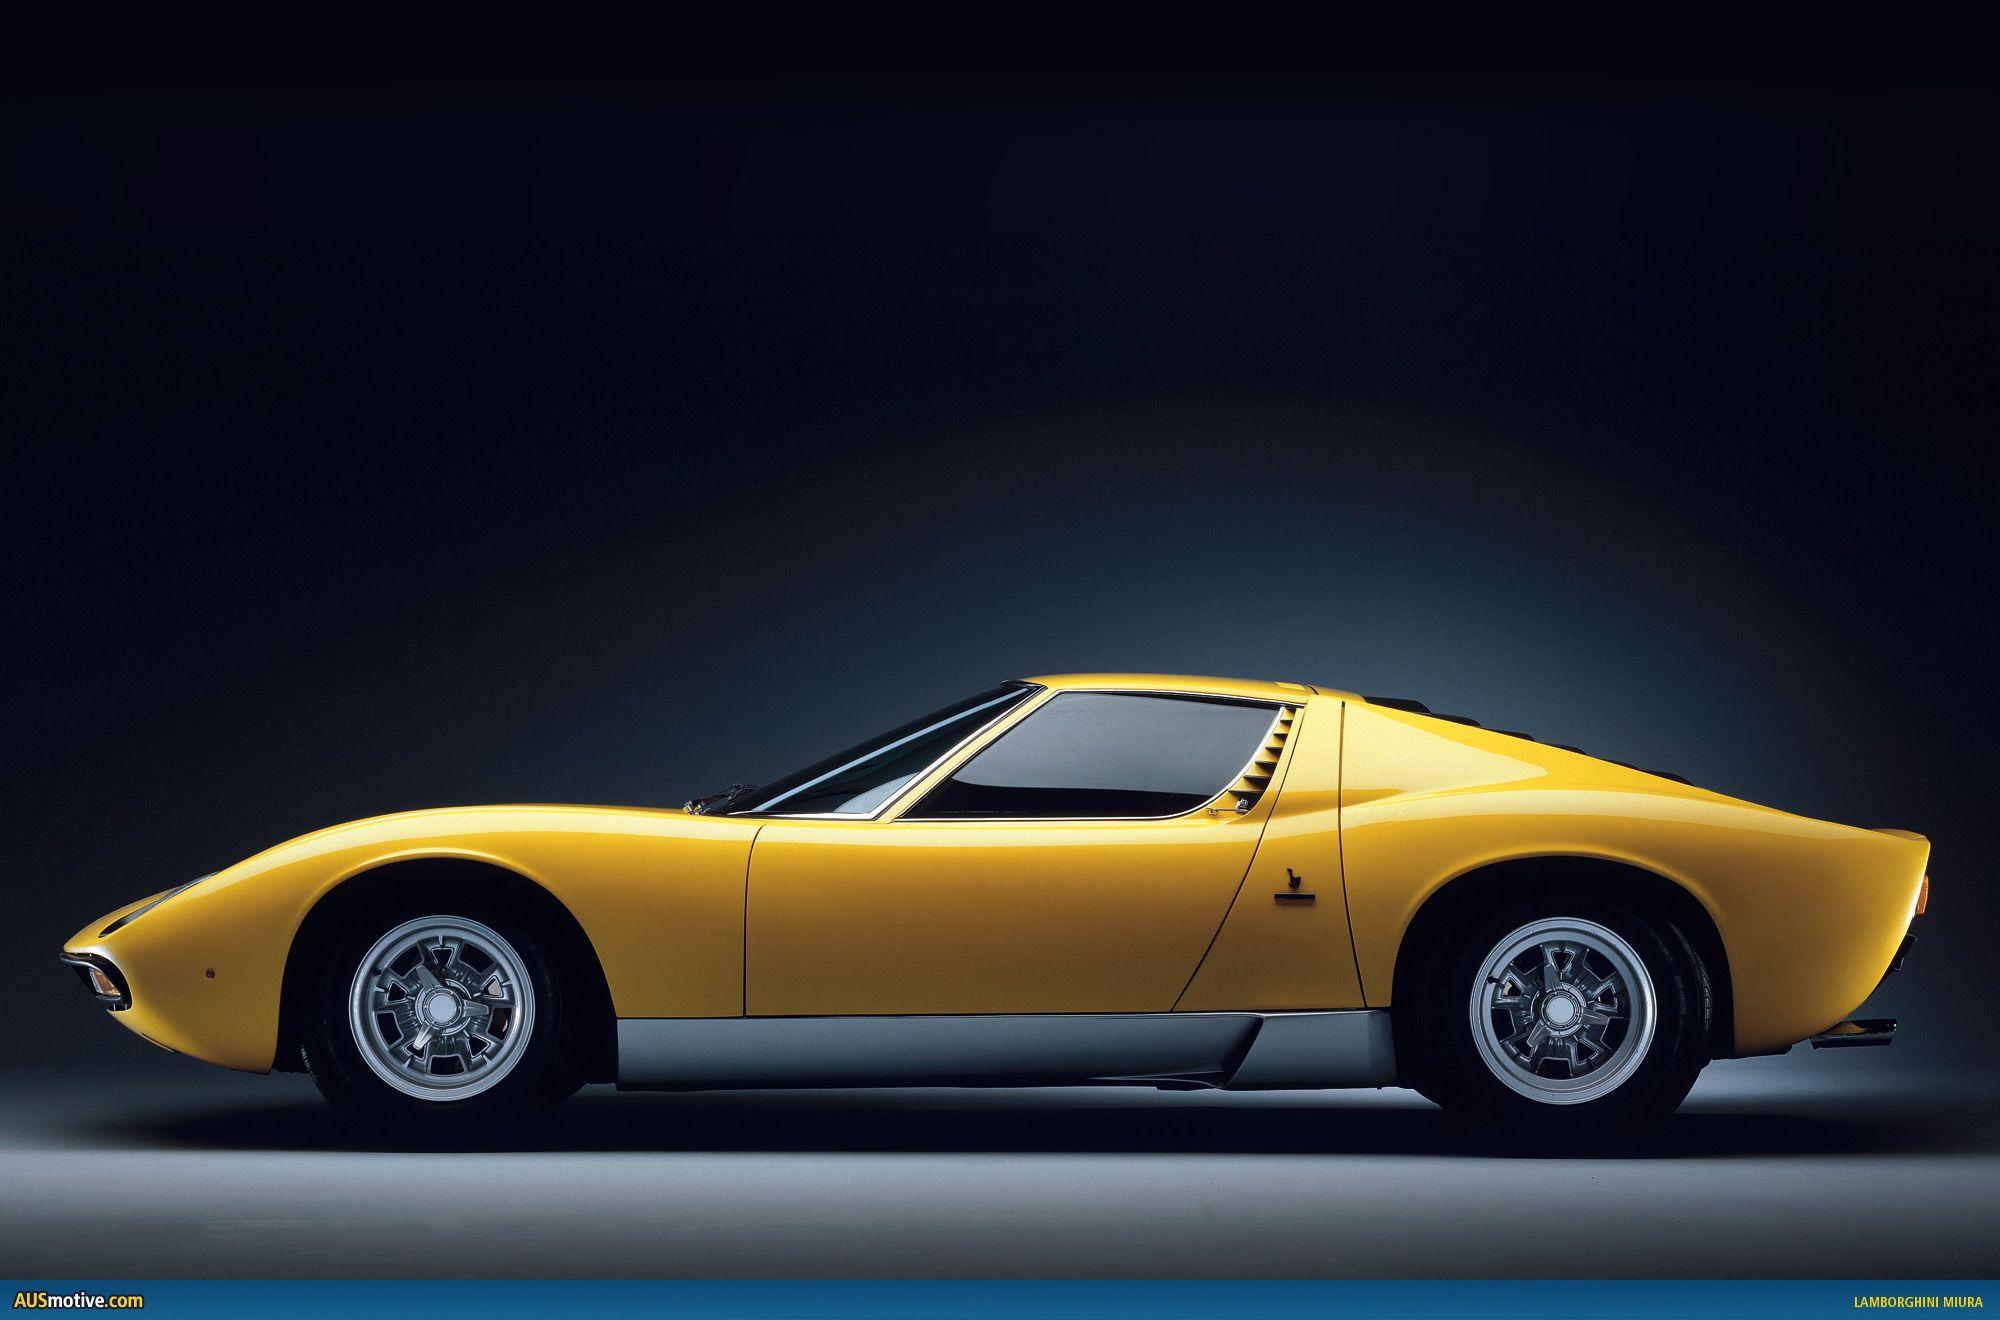 1973 Lamborghini Miura.